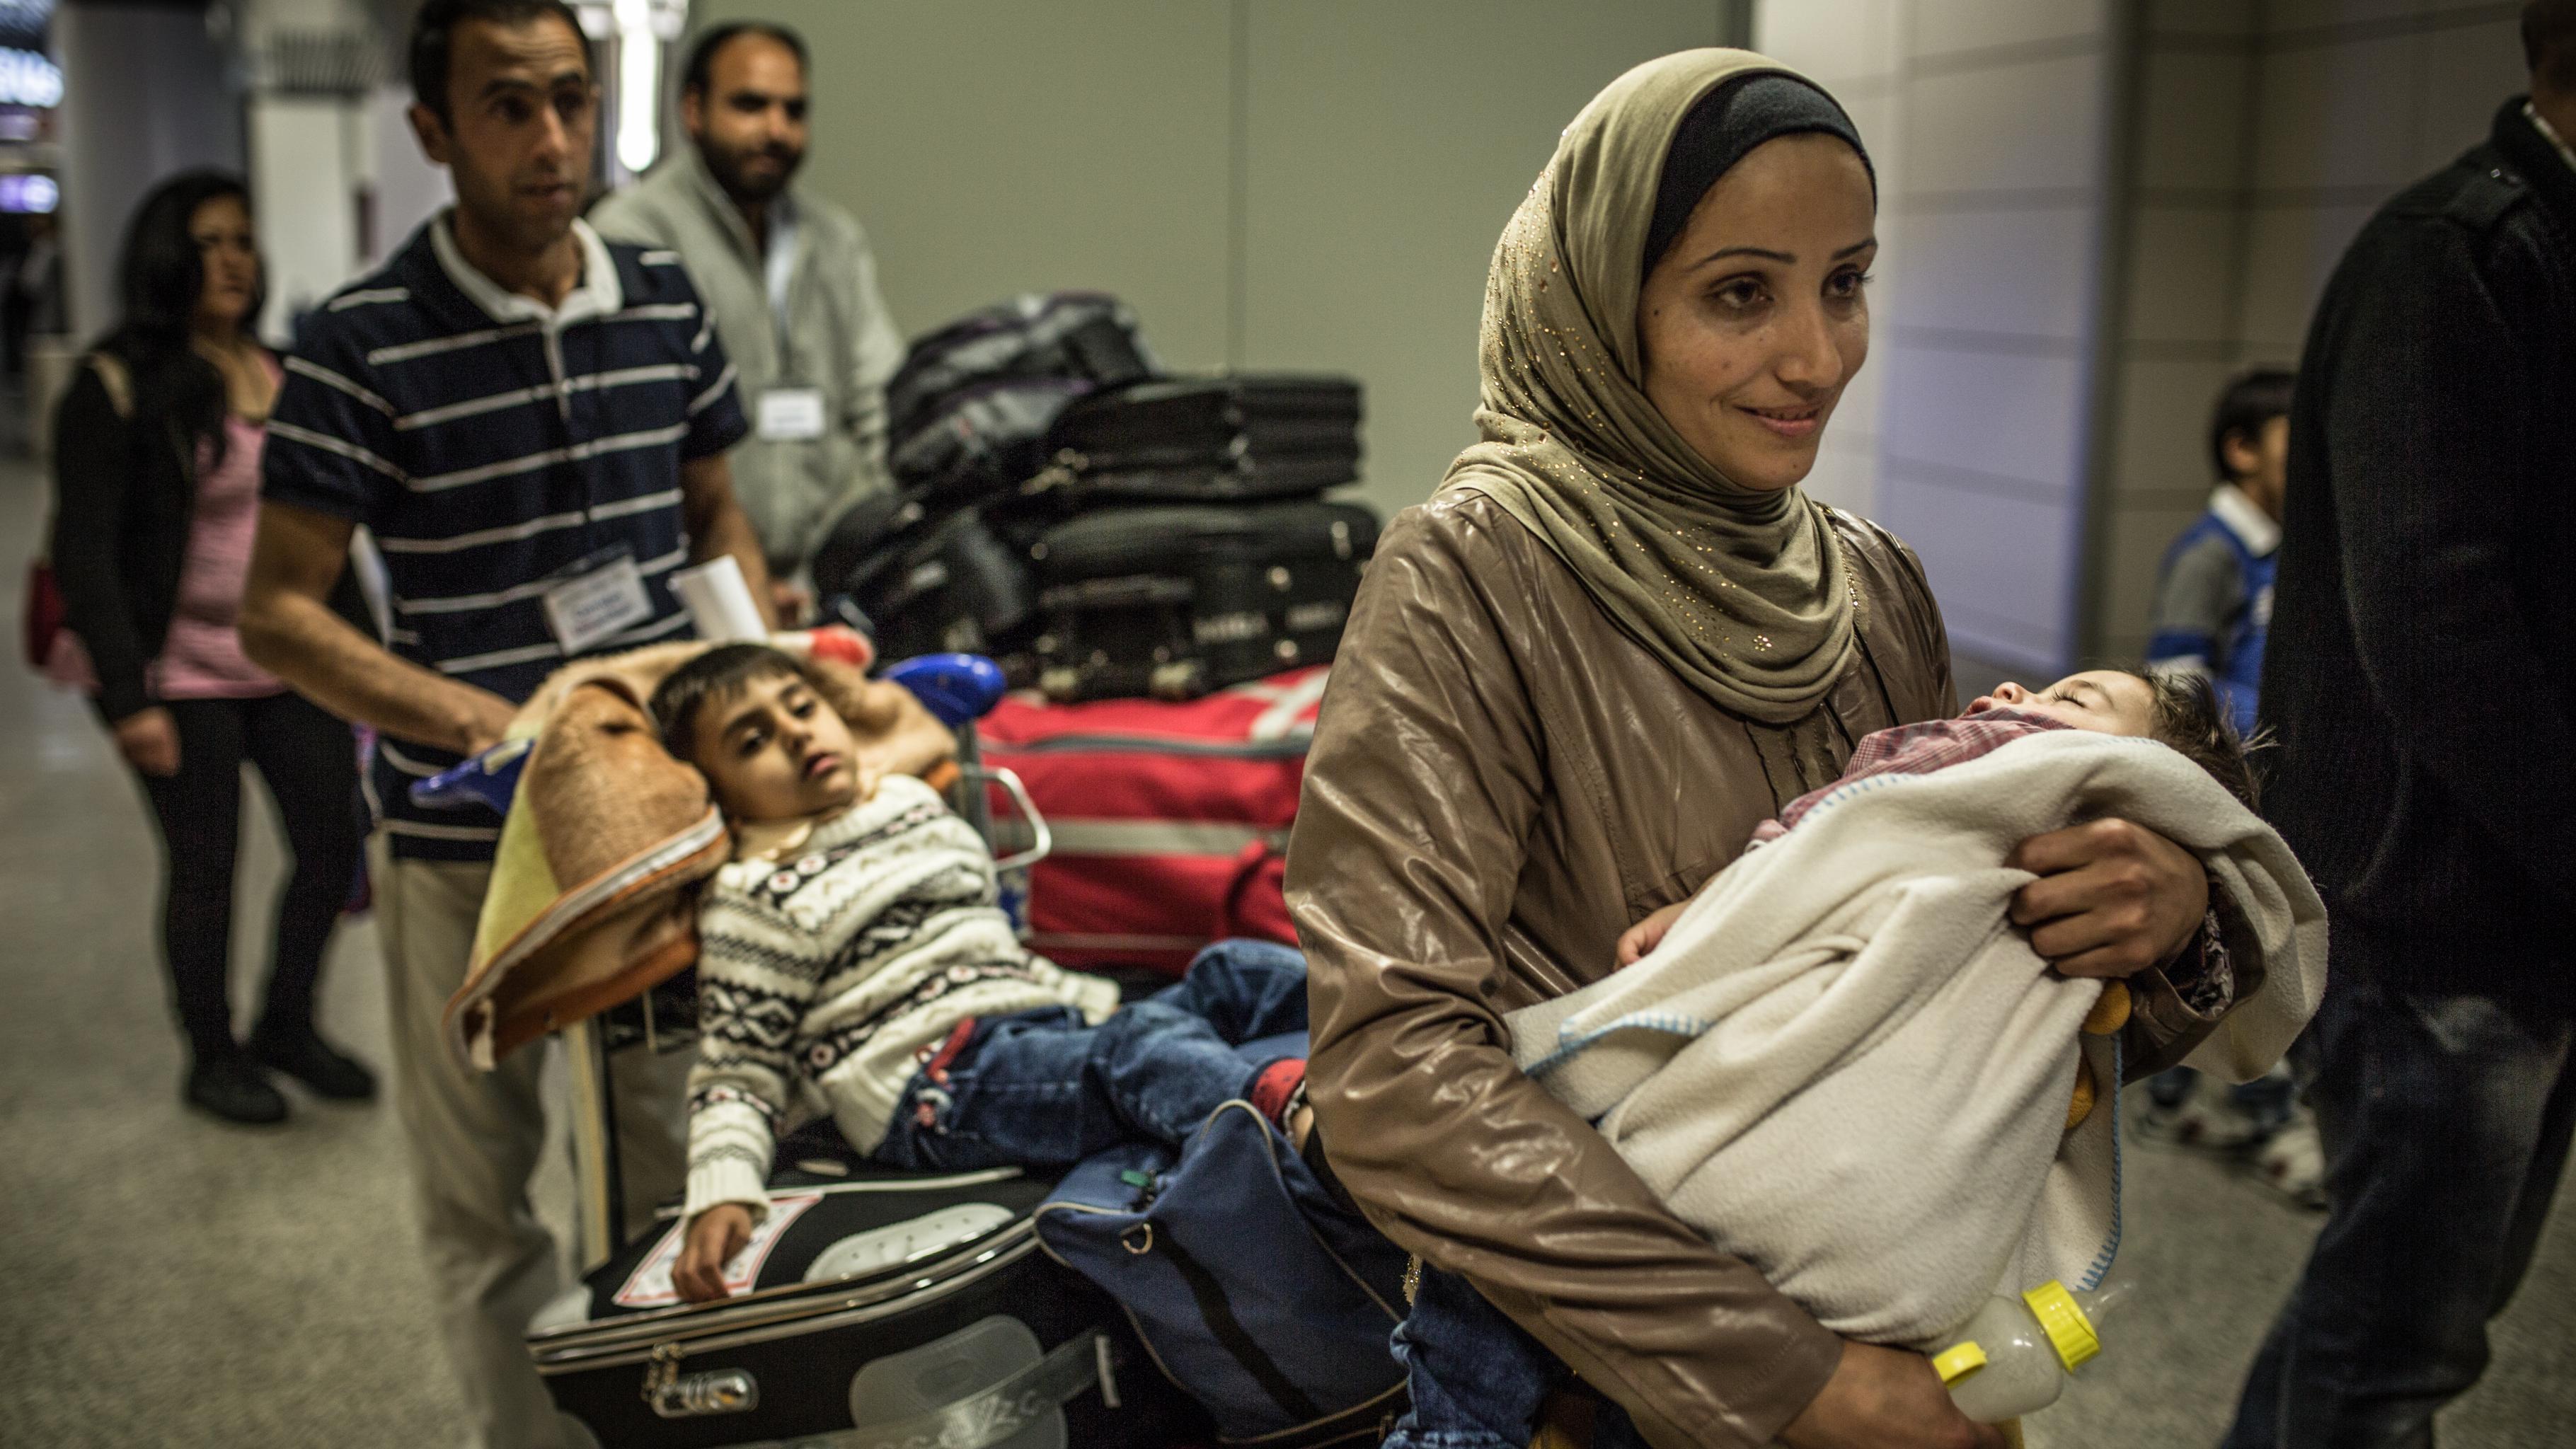 Eine Frau mit einem kleinen Kind auf dem Arm geht durch die Ankunftshalle eines Flughafens; hinter ihr schiebt ein Mann einen Kofferkuli mit Gepäck, auf dem ein müder Junge sitzt.